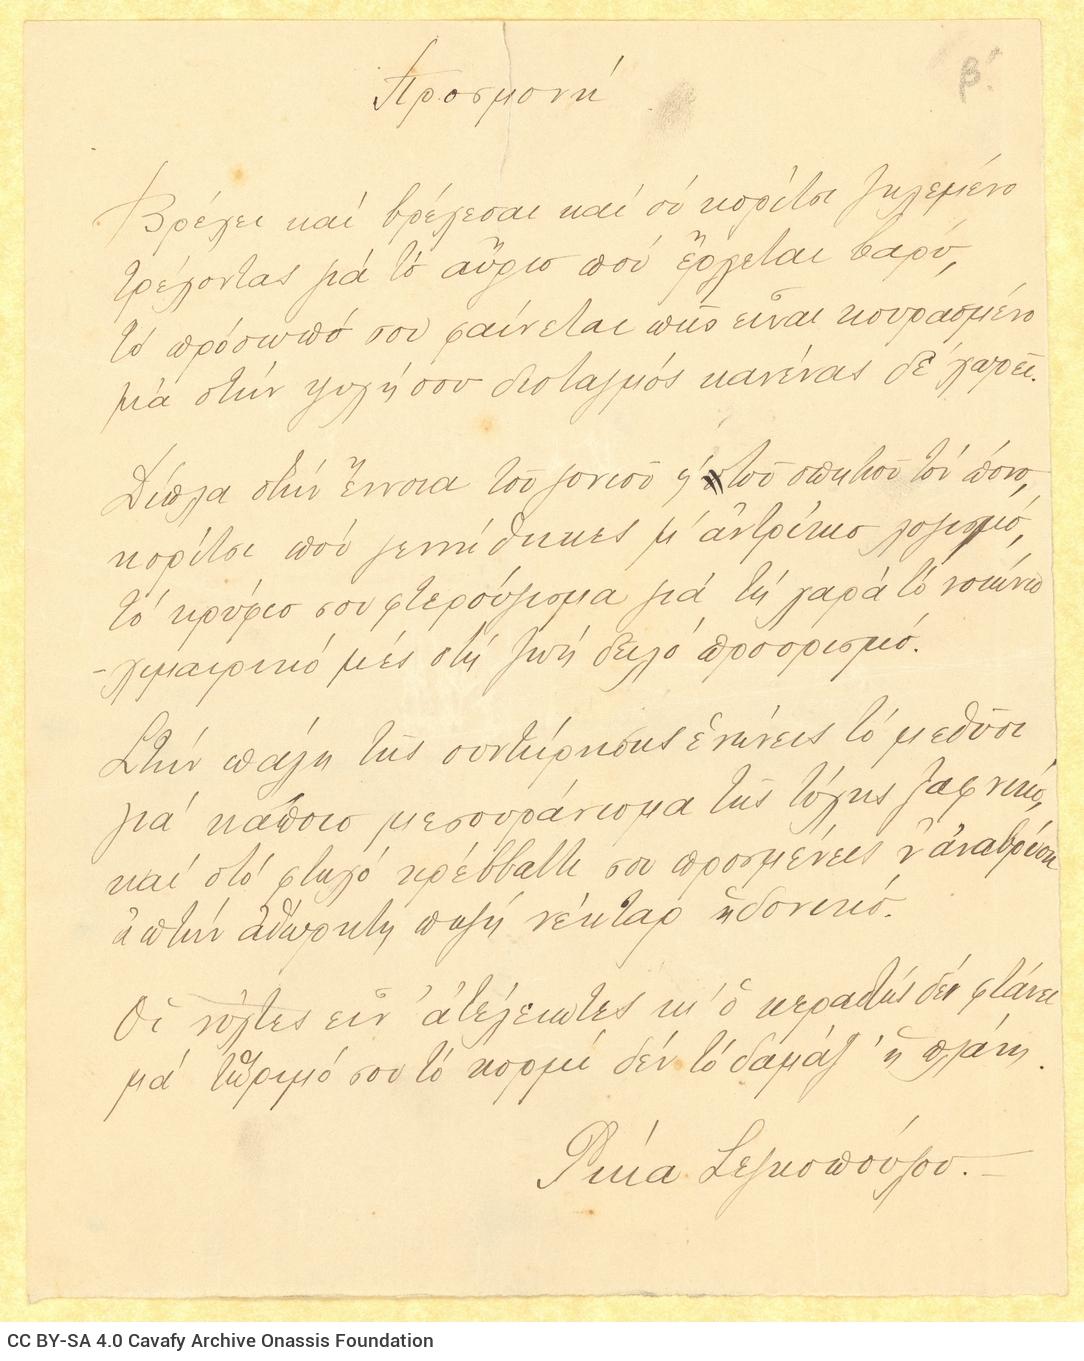 Χειρόγραφο ποίημα της Ρίκας Σεγκοπούλου («Προσμονή»). Στο περιθώριο